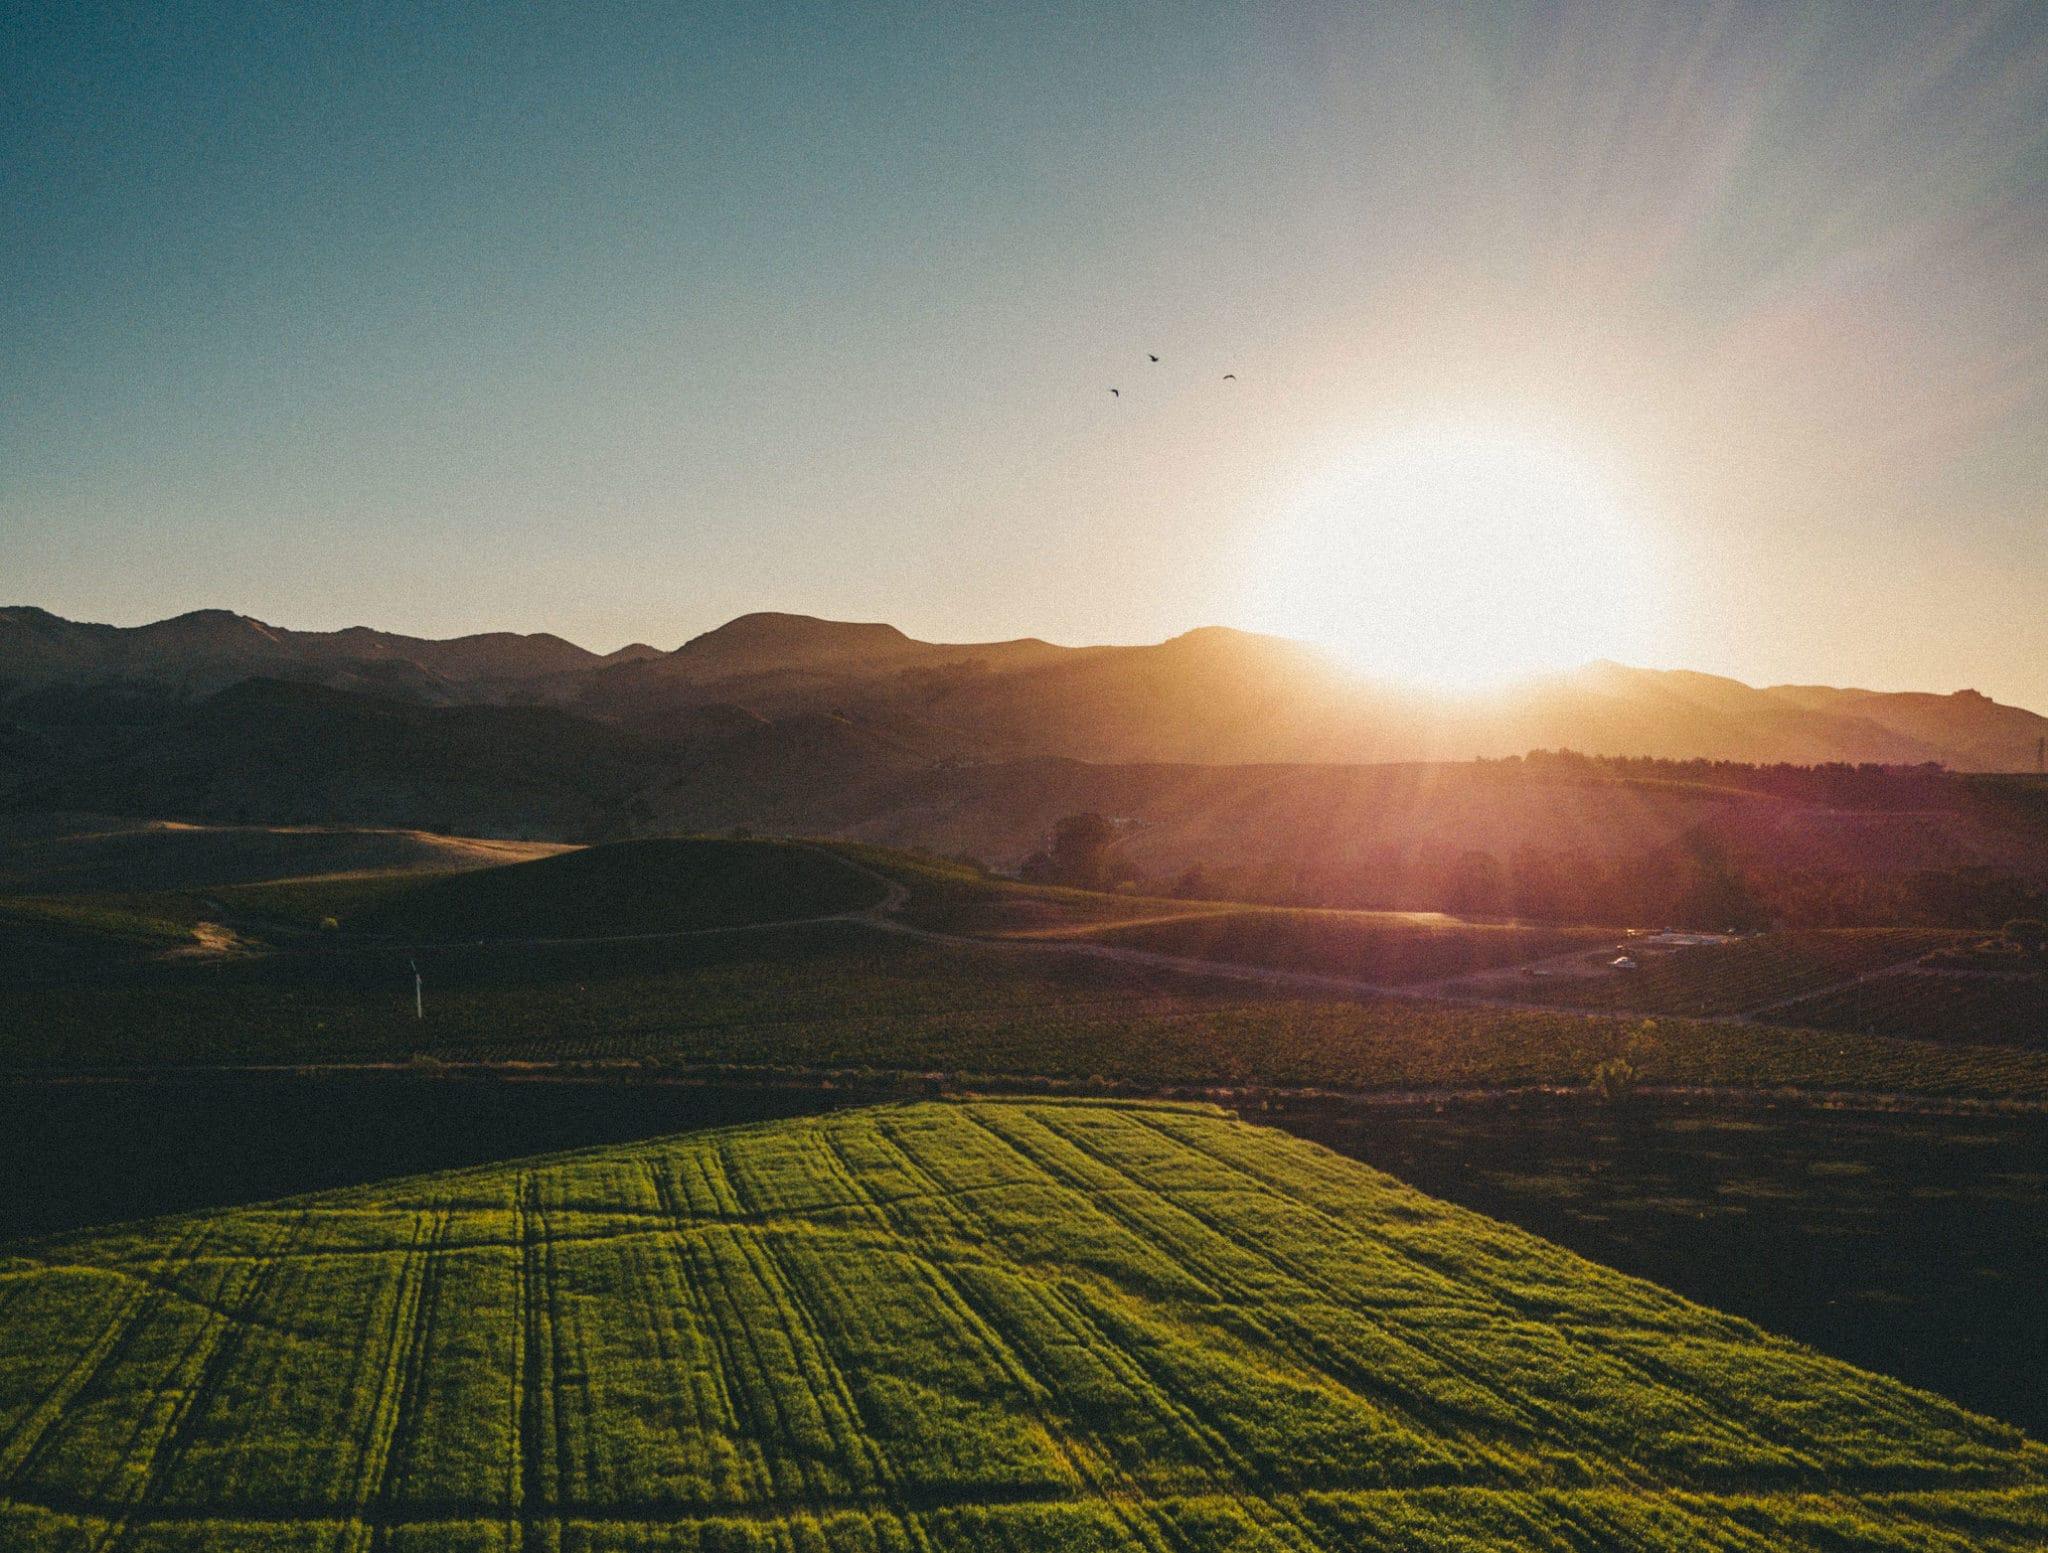 A sun shining over a field.